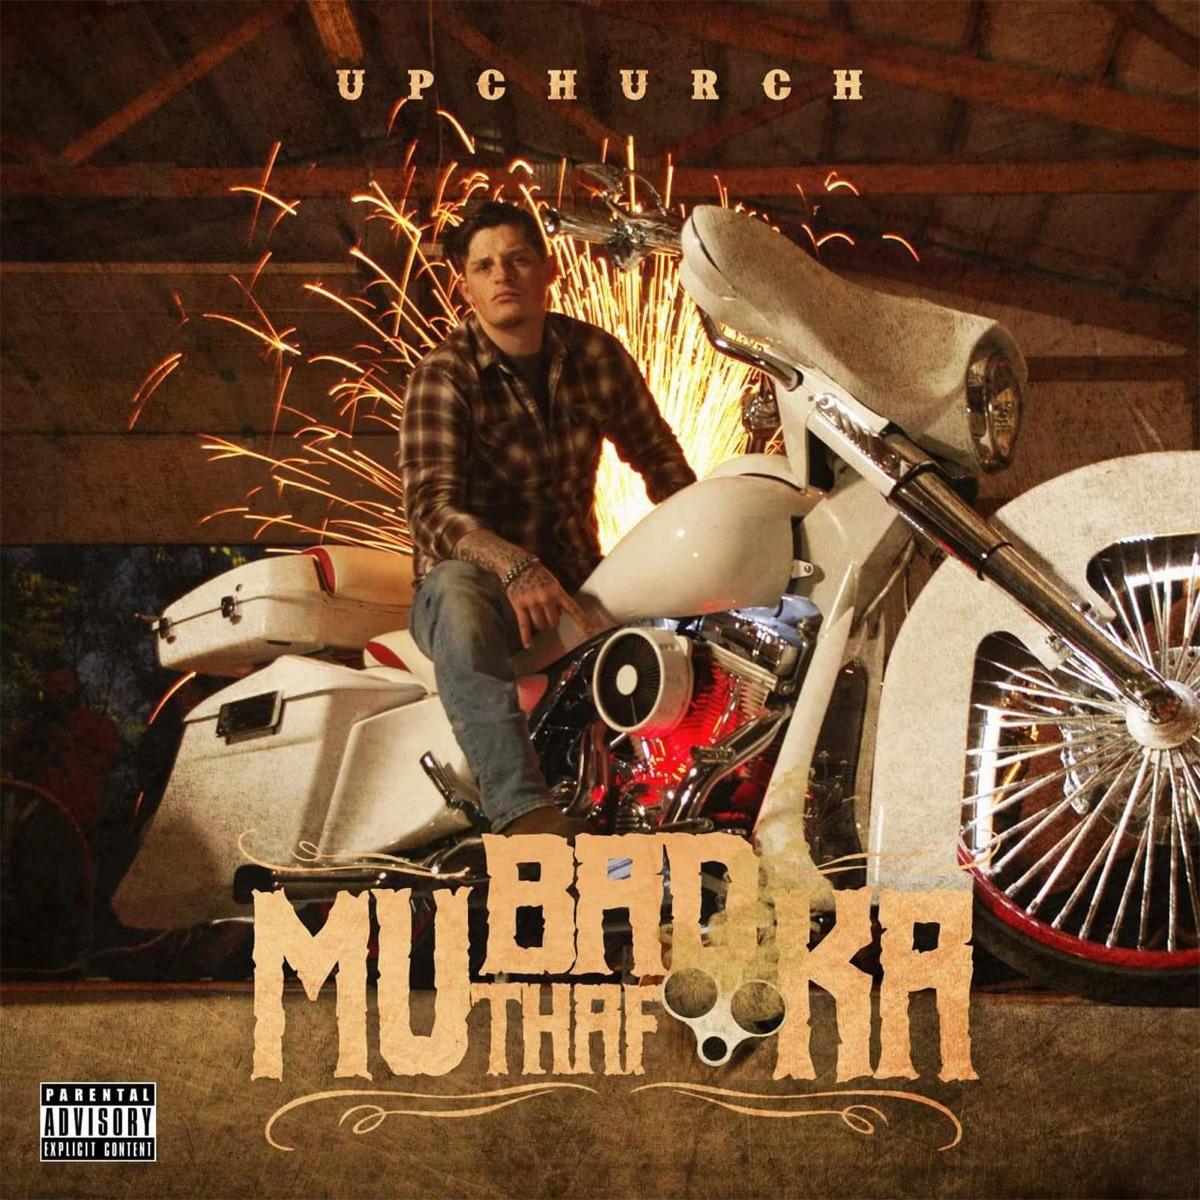 Bad Mutha Fucka Upchurch CD cover